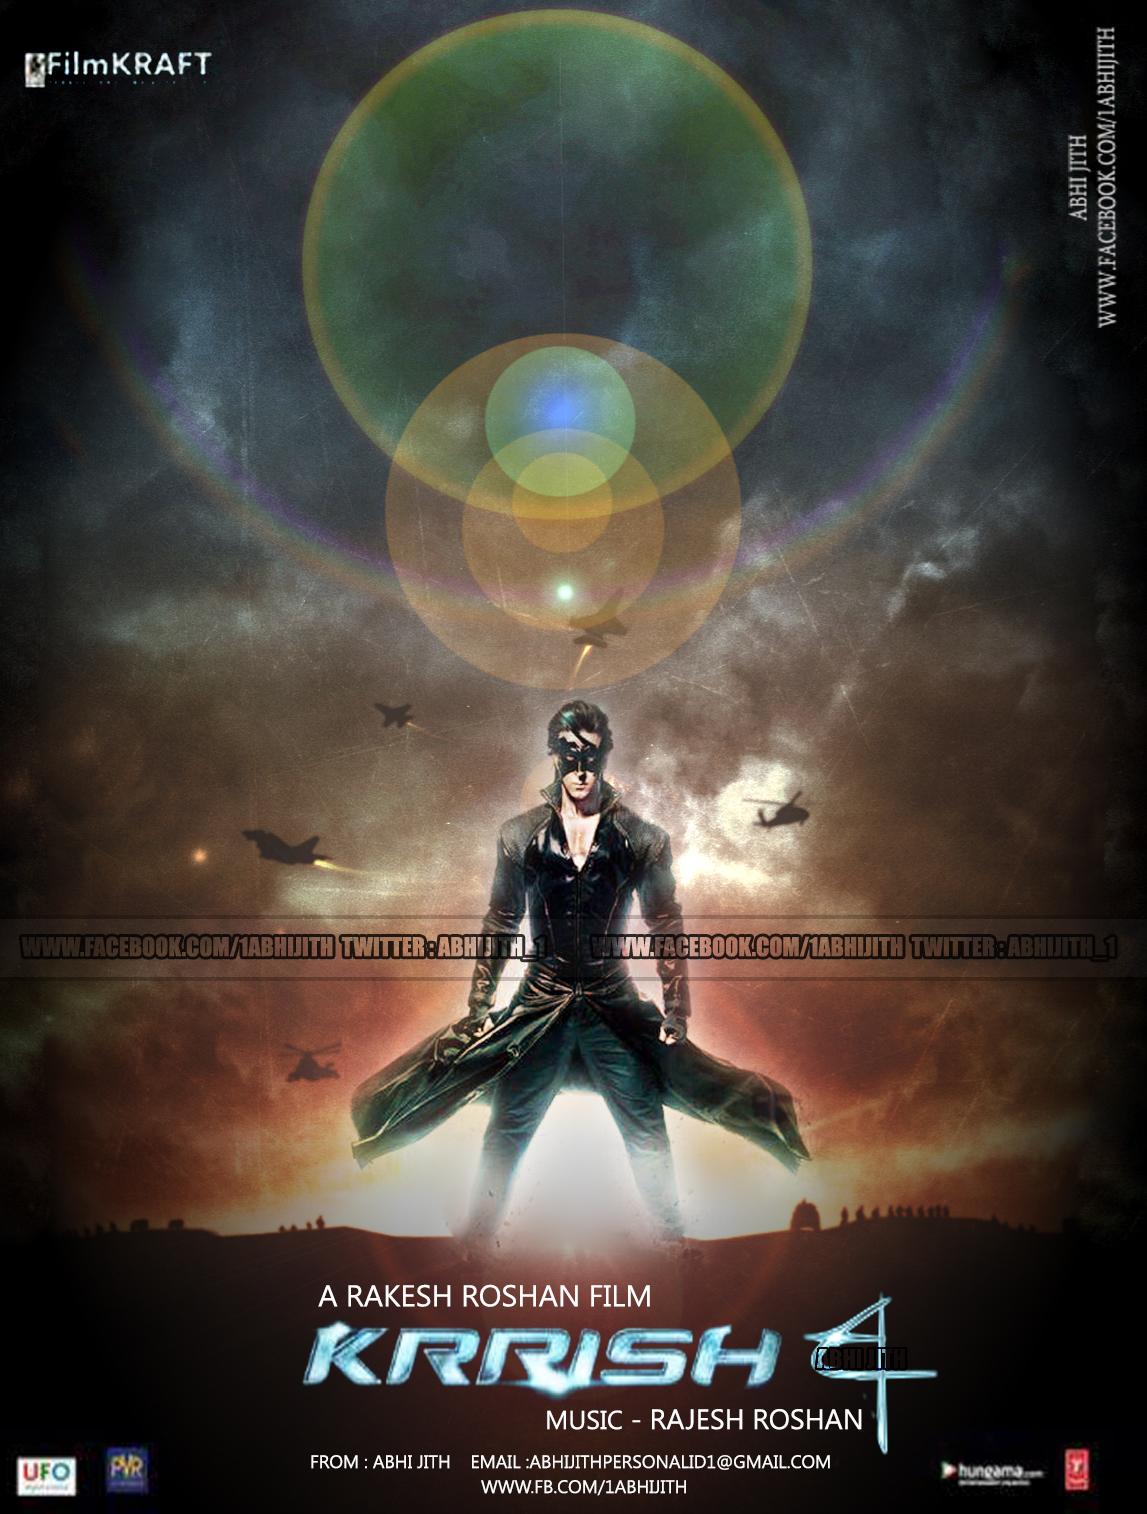 Krrish 4 Watch Online Download Free (2017)